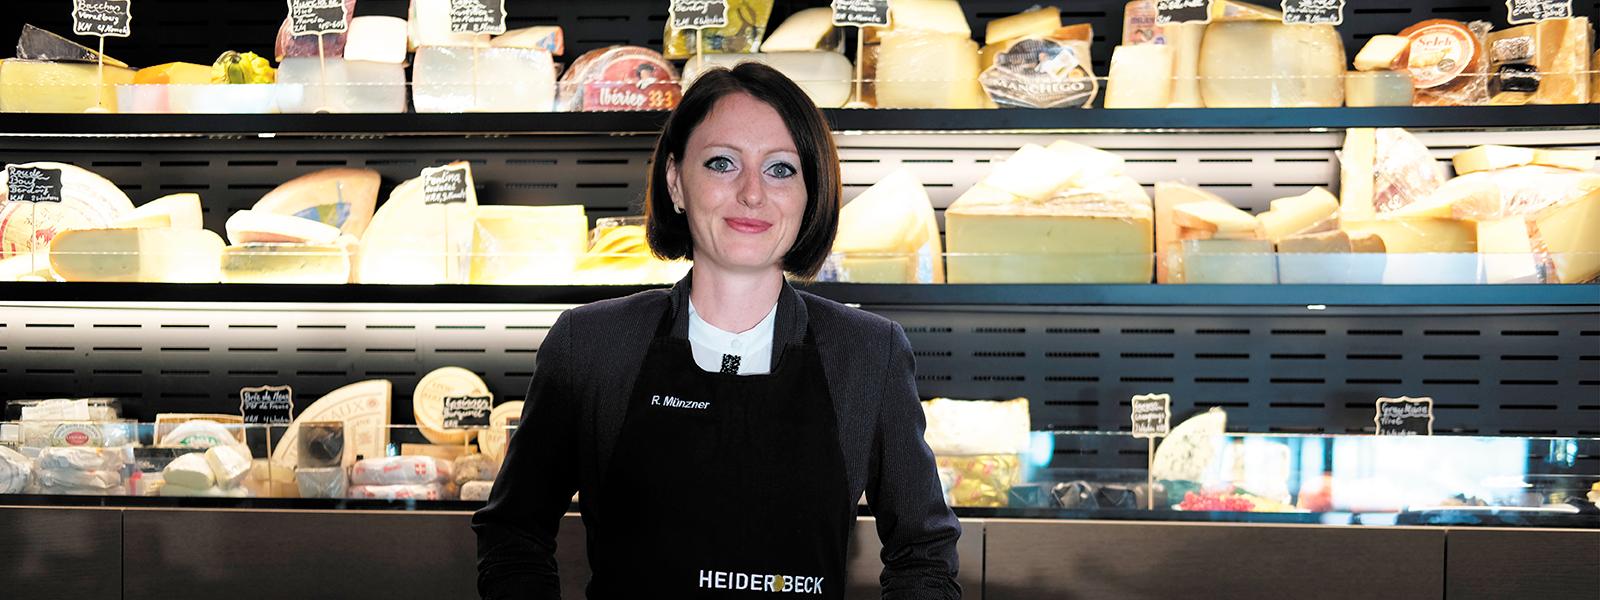 Larissa Krausel bei ihrer Prüfung zur Diplom Käsesommeliere in der Heiderbeck Akademie